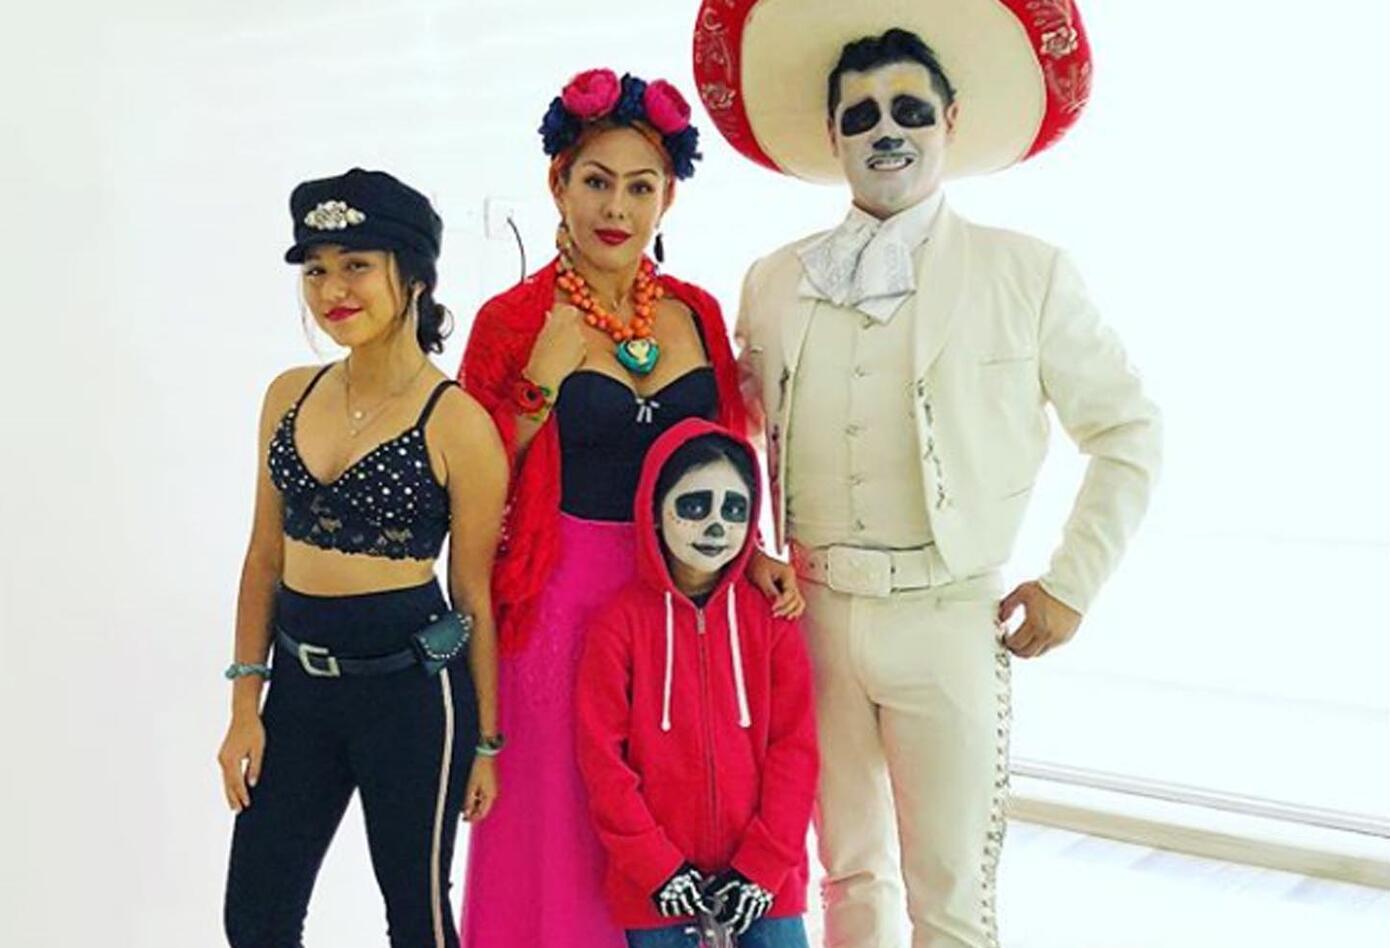 El humorista y su familia representaron personajes significativos de México. Sus hijas se disfrazaron de Selena Quintanilla y el protagonista de Coco.